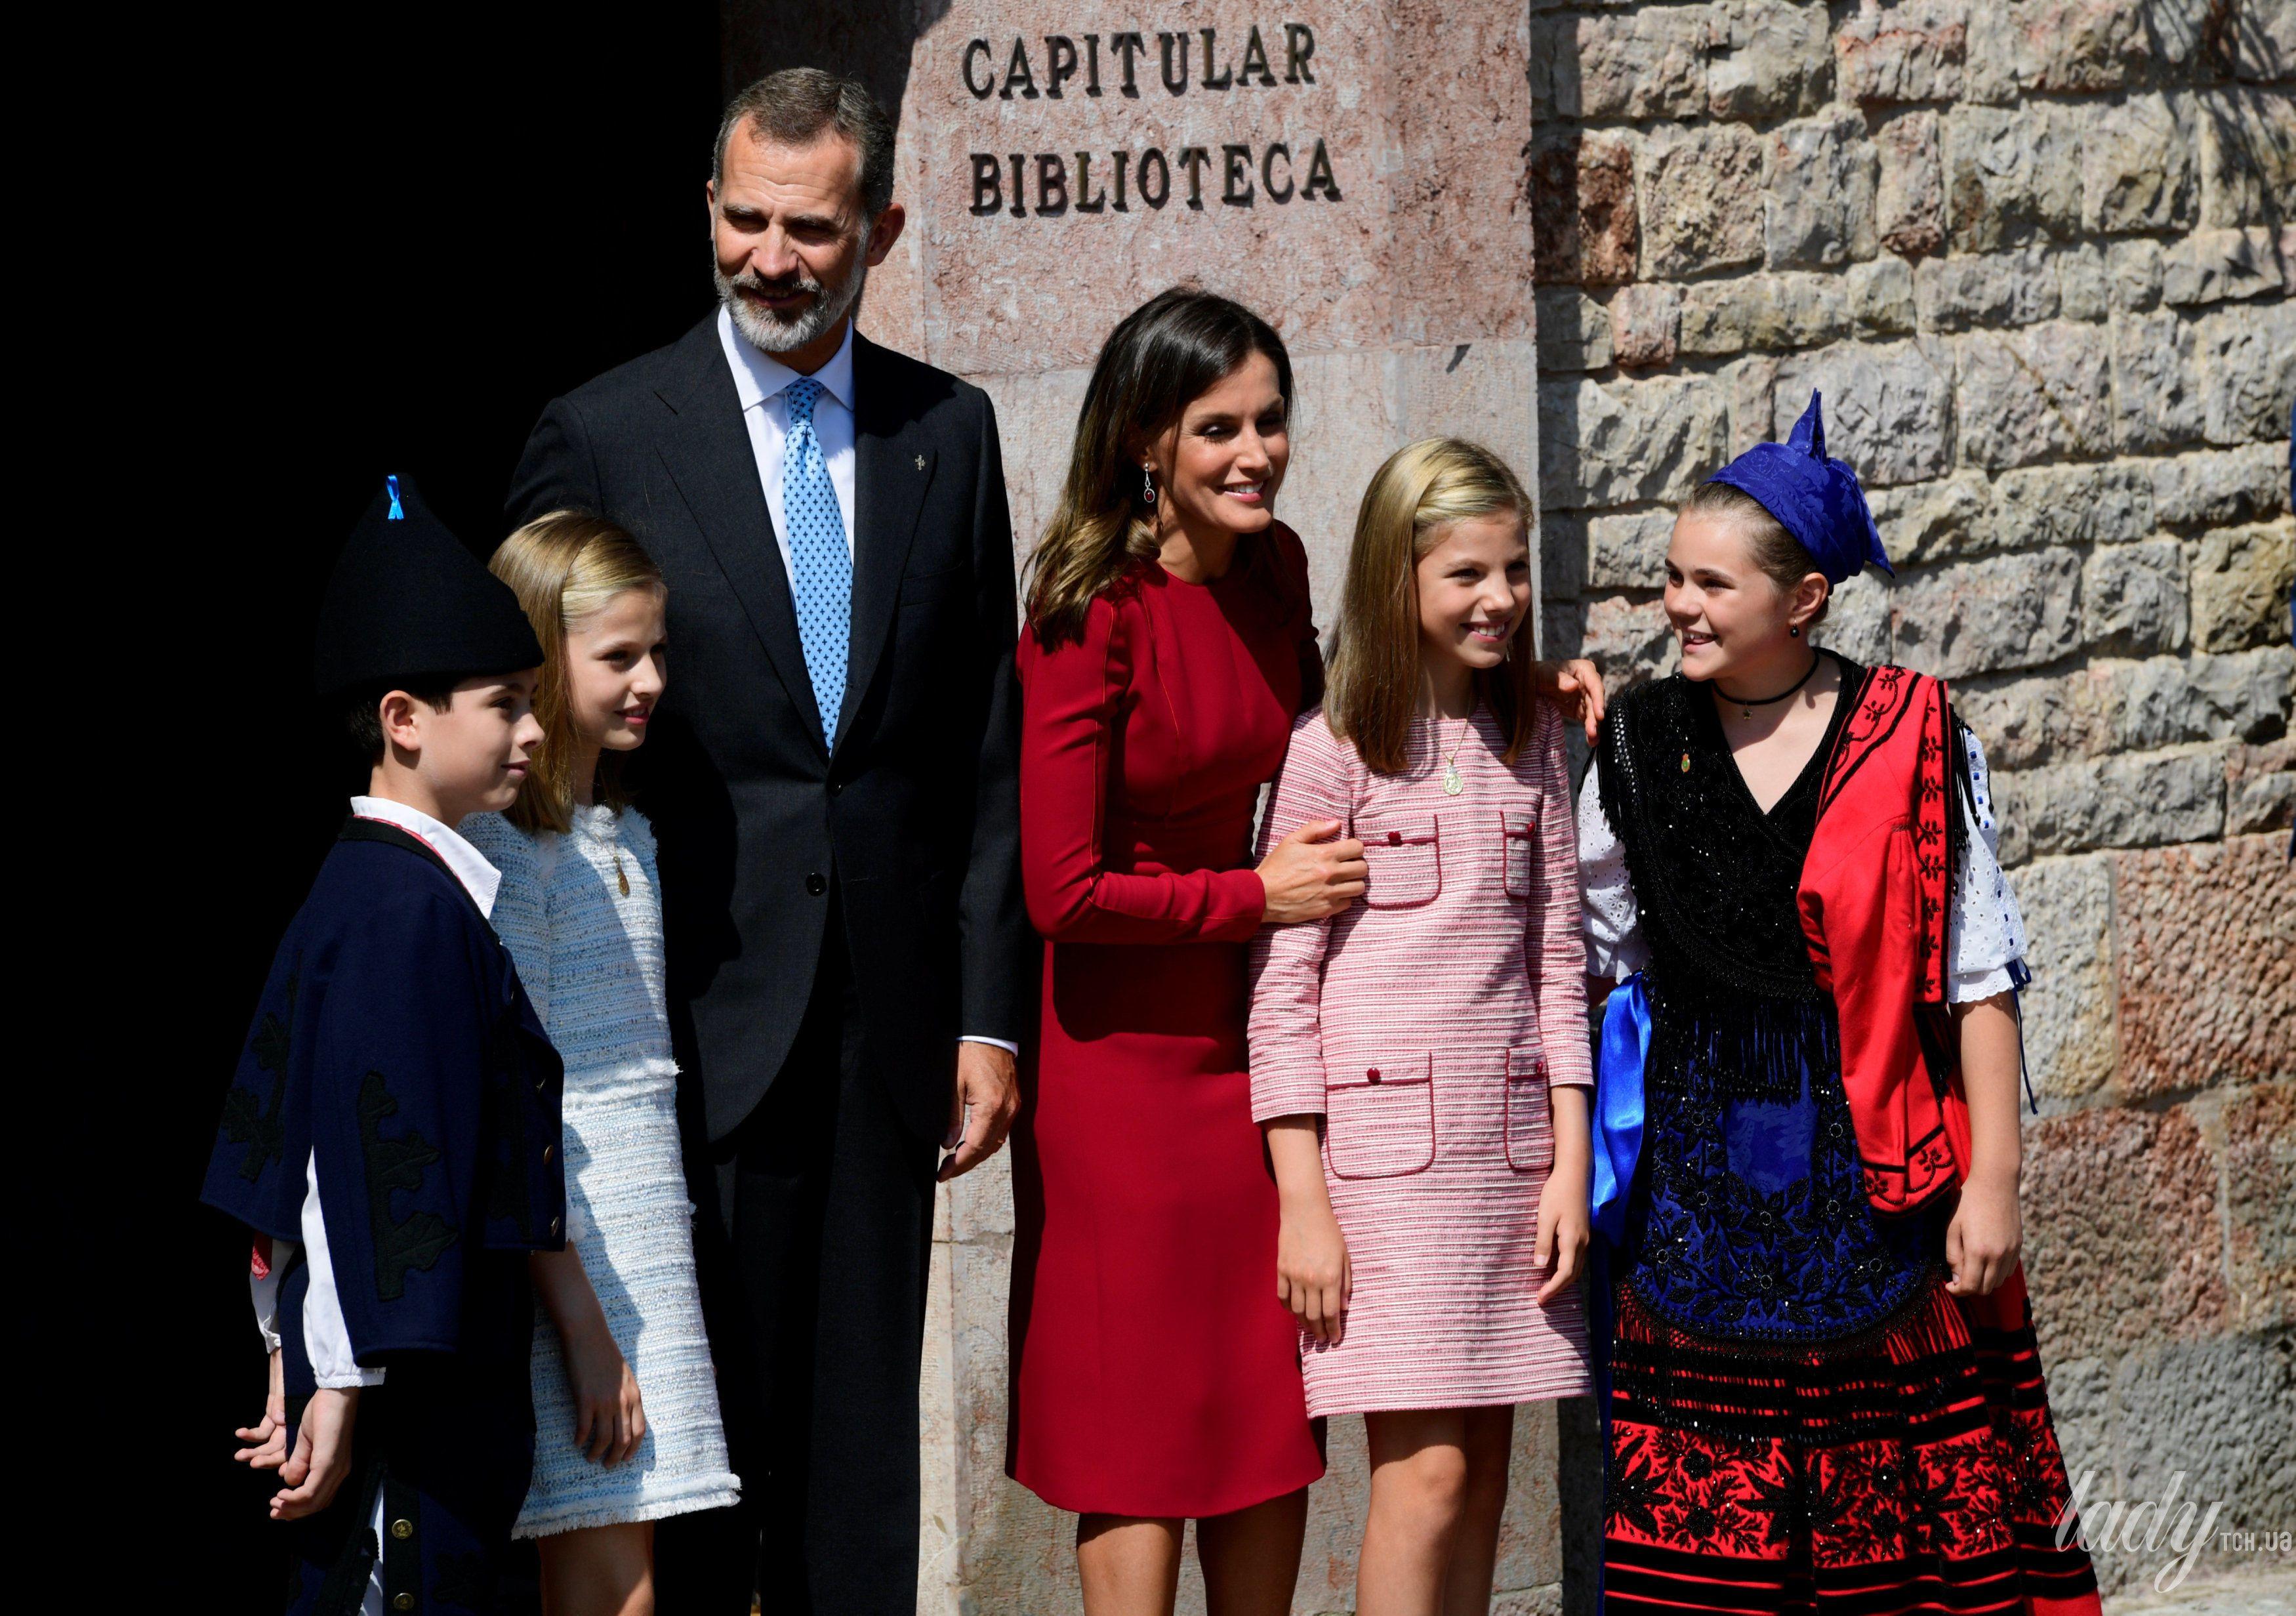 Испанская королевская семья: принц Филипп, королева Летиция, принцессы Леонор и София._6